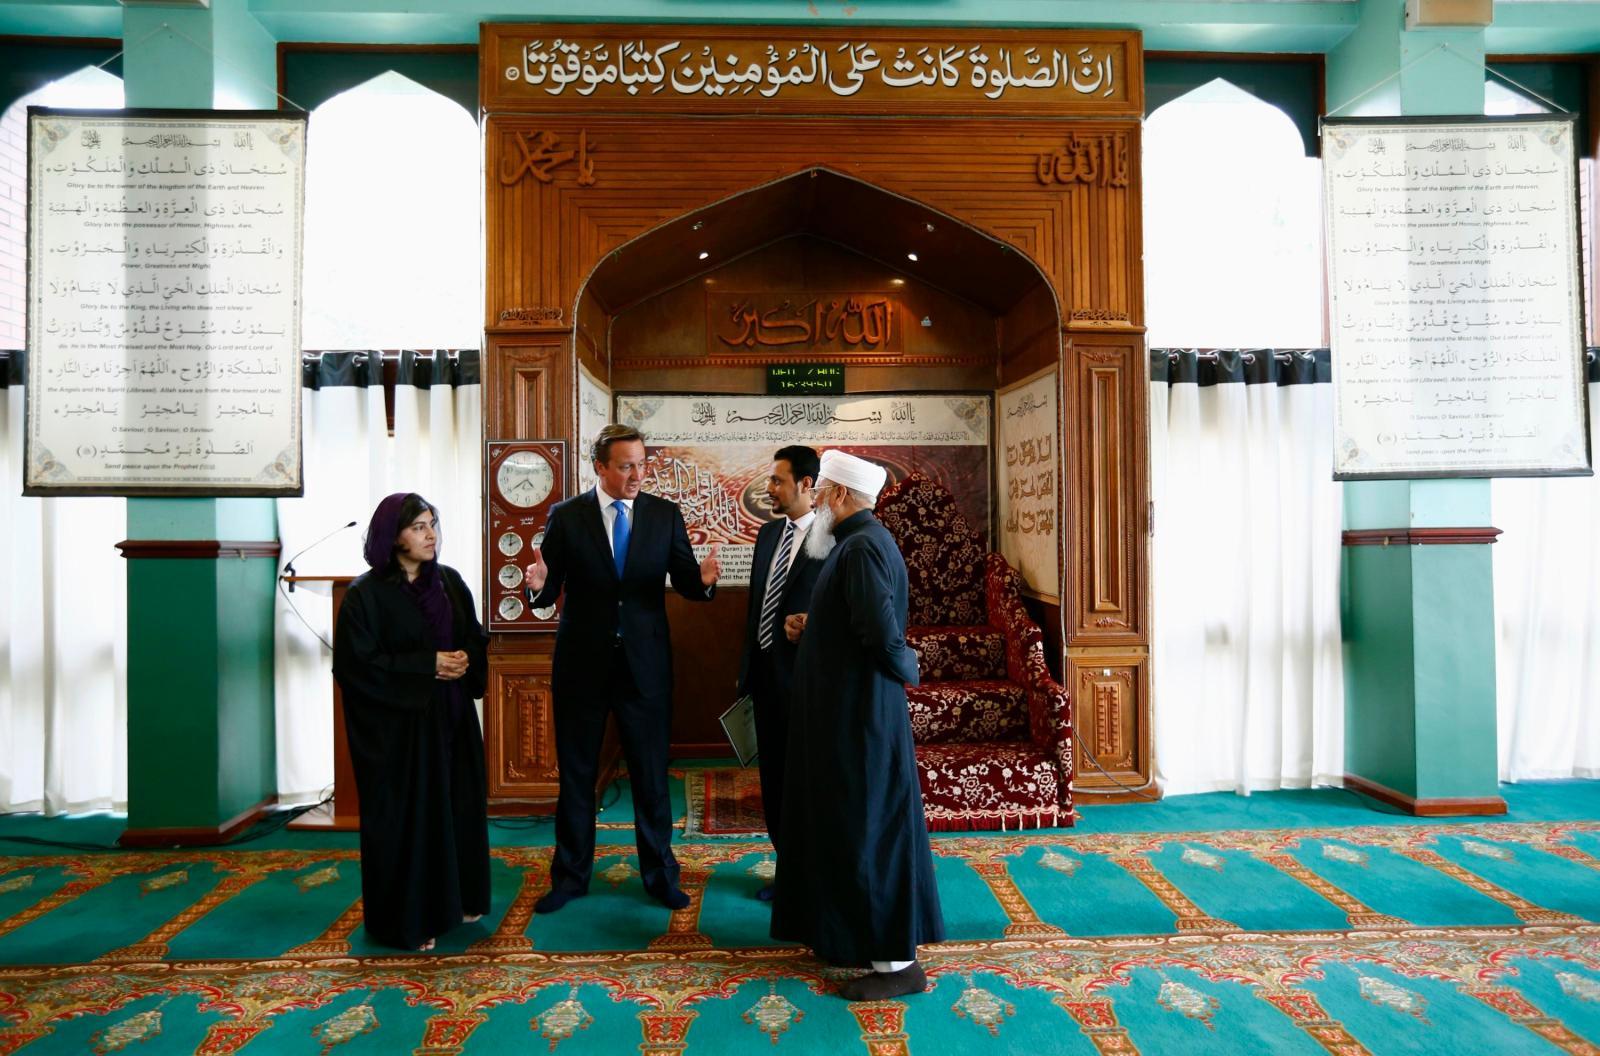 David Cameron at Jamia Mosque